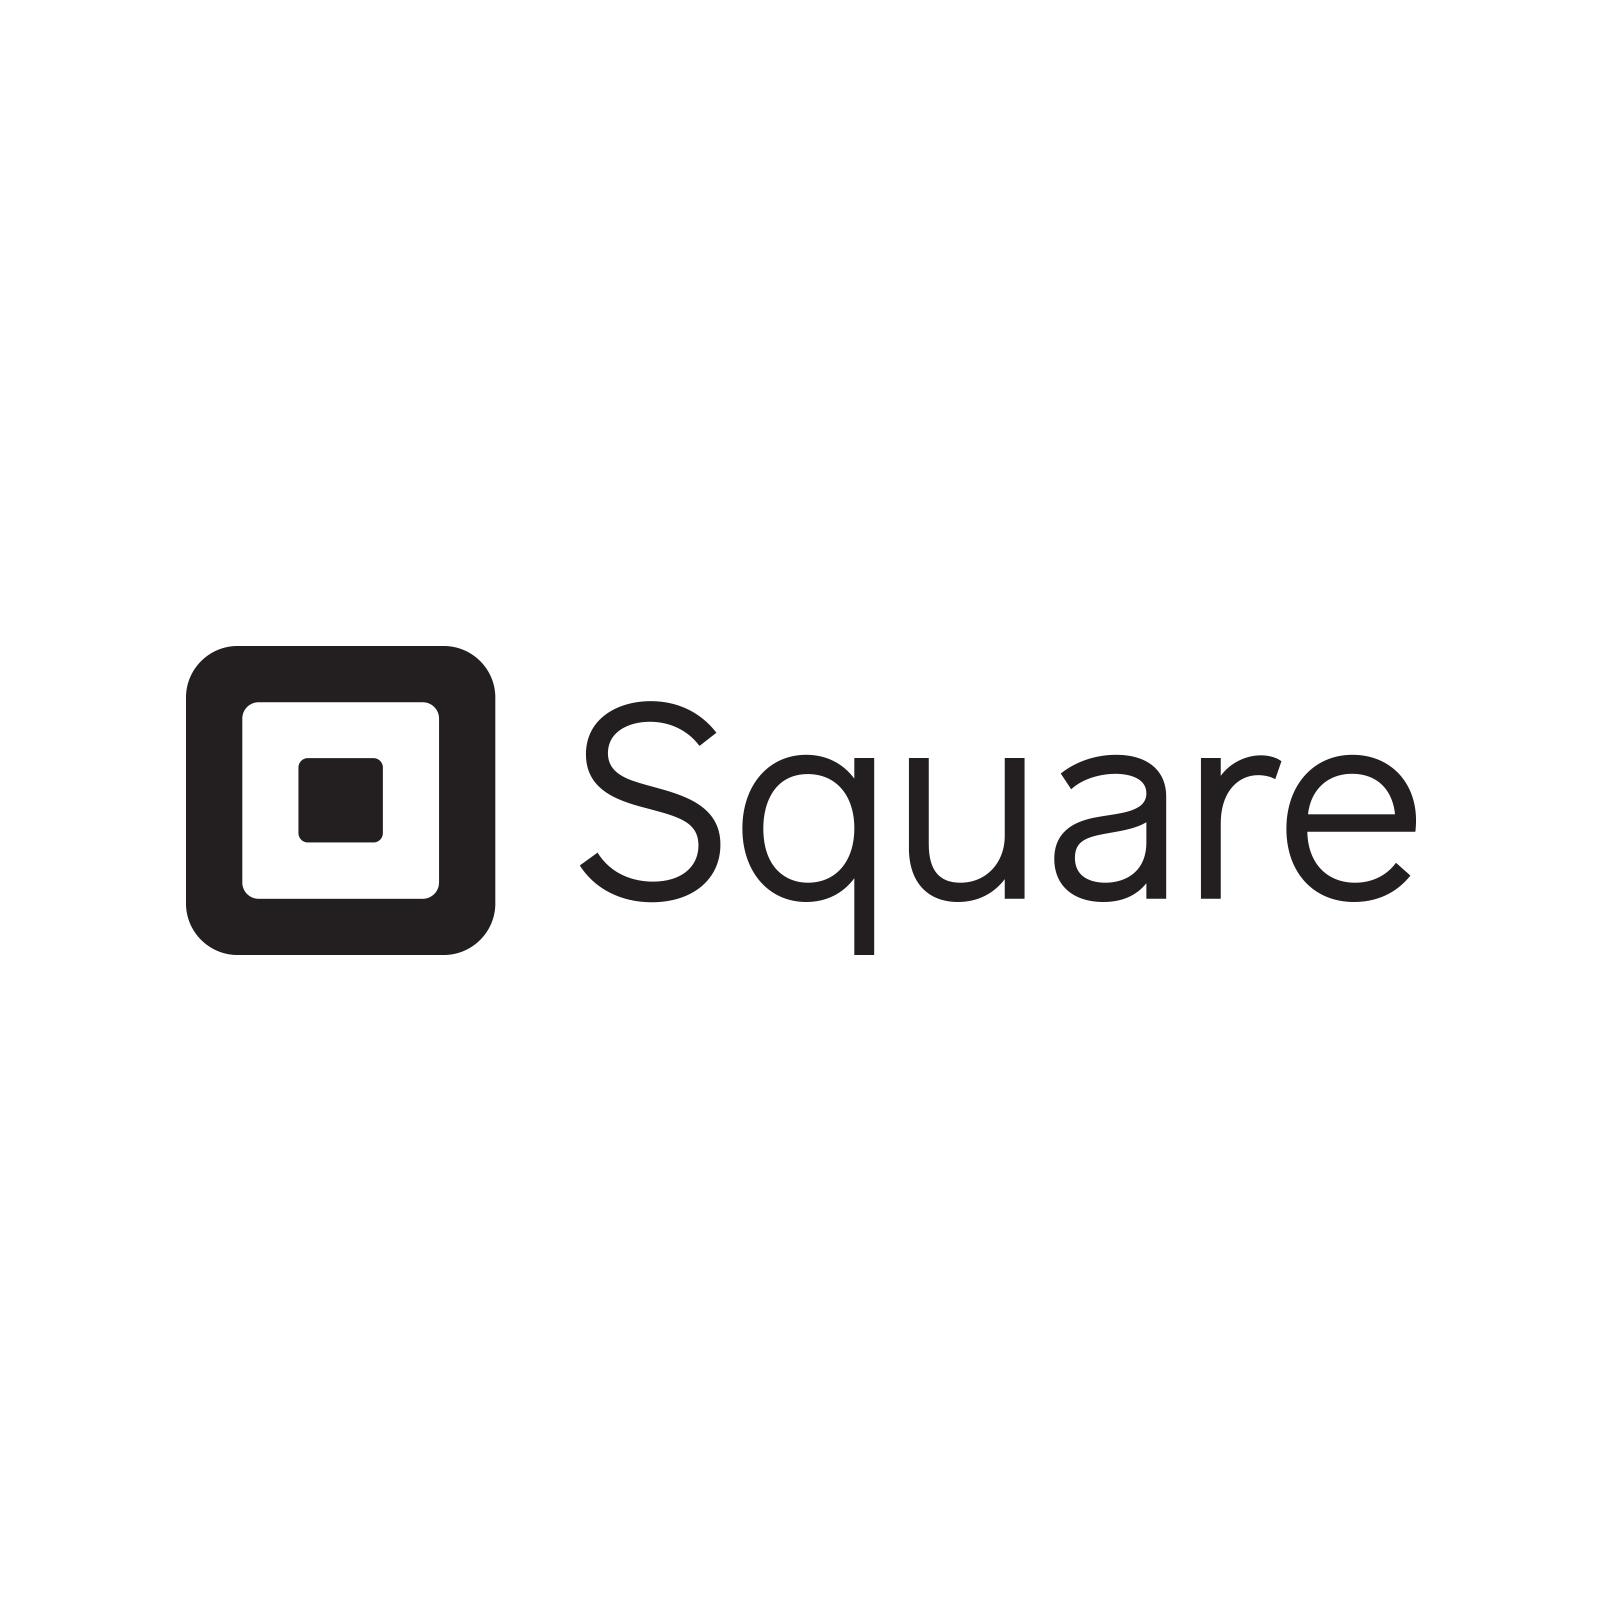 Squarelogosept2017